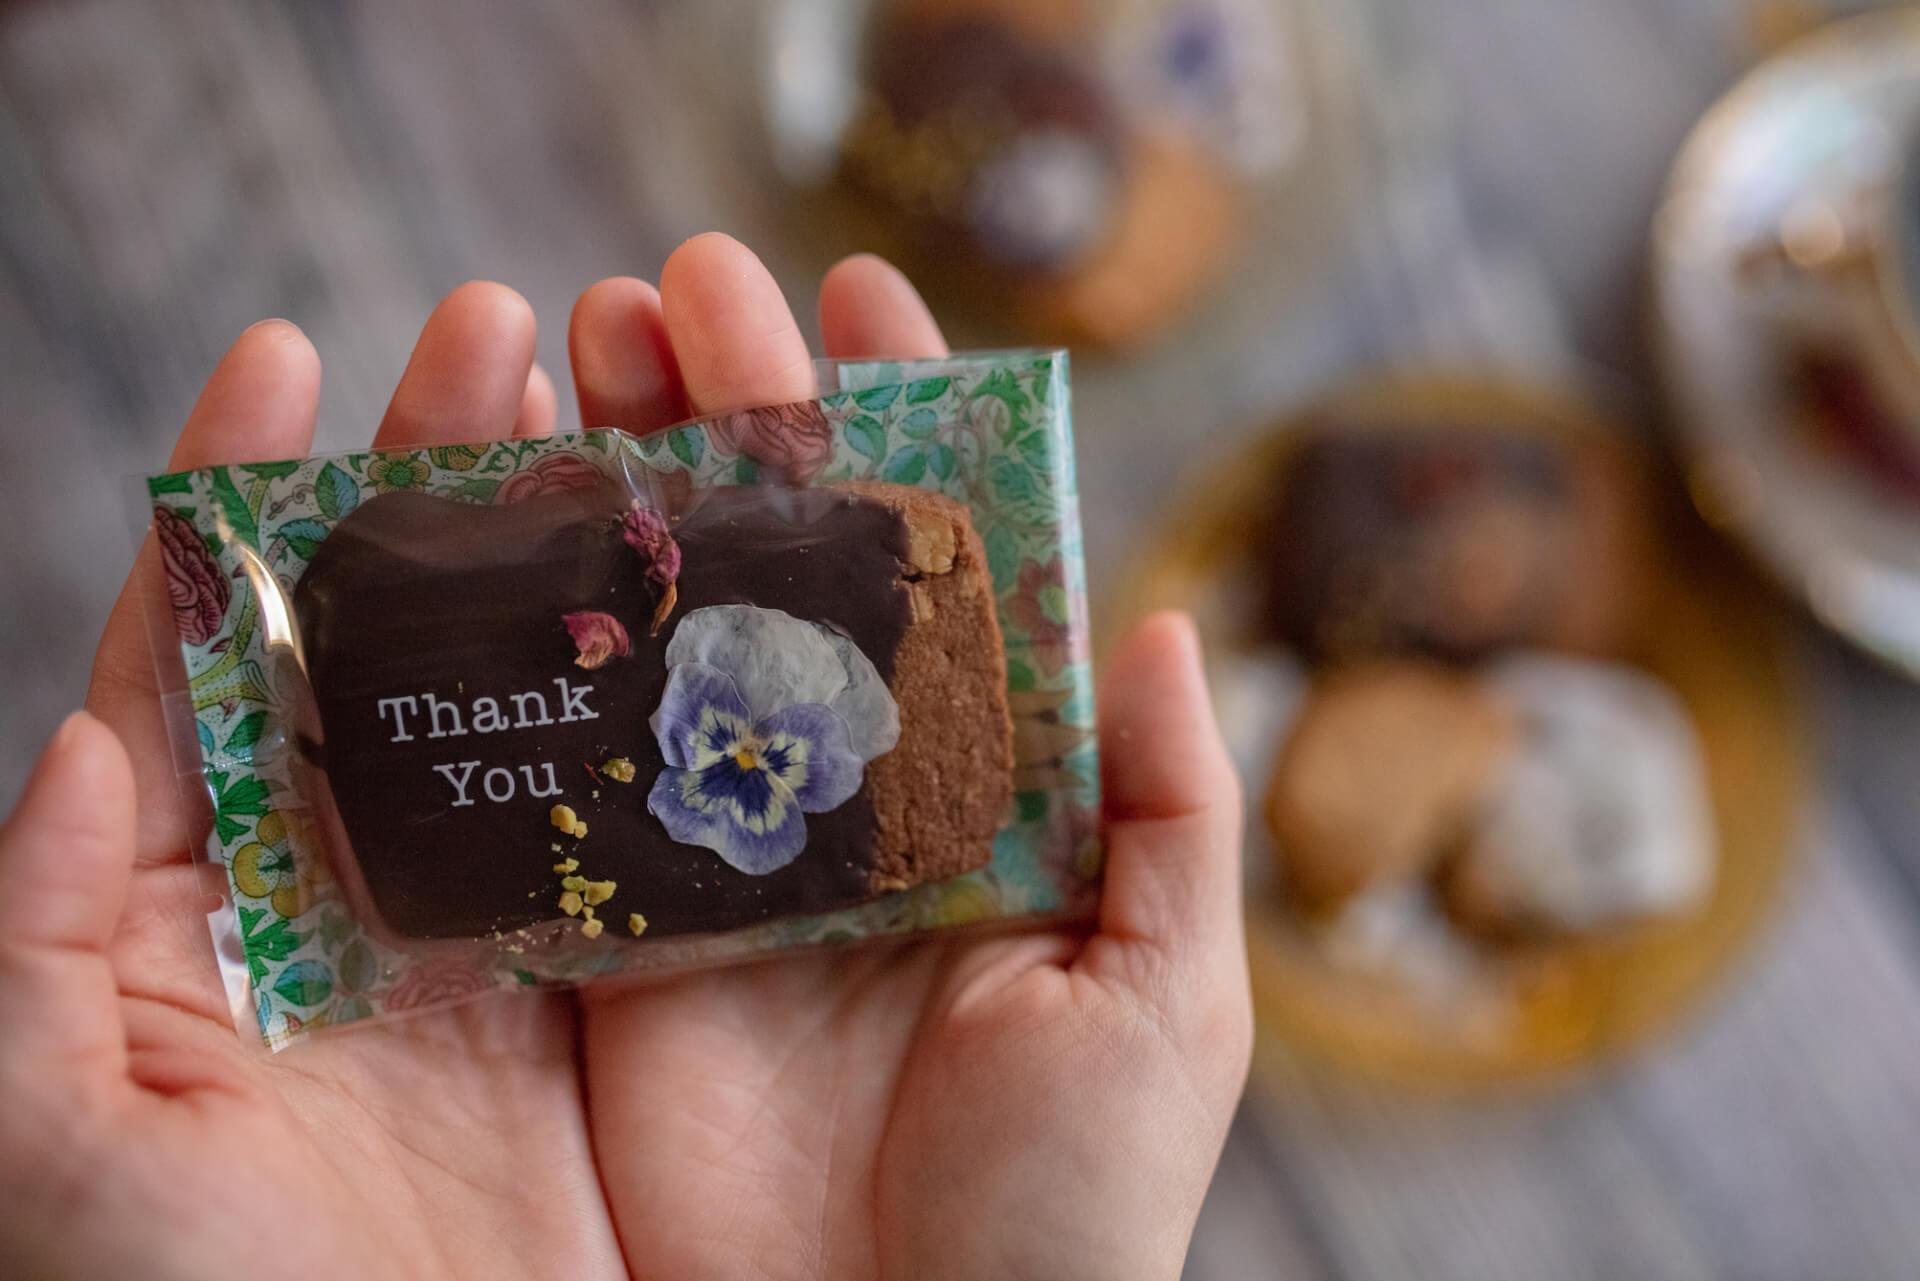 お花のクッキーが人気のgmgmで、ブーケ&お花のドーナツ付『母の日ギフトBOX』が予約受付開始! goulmet210408_gmgm_1